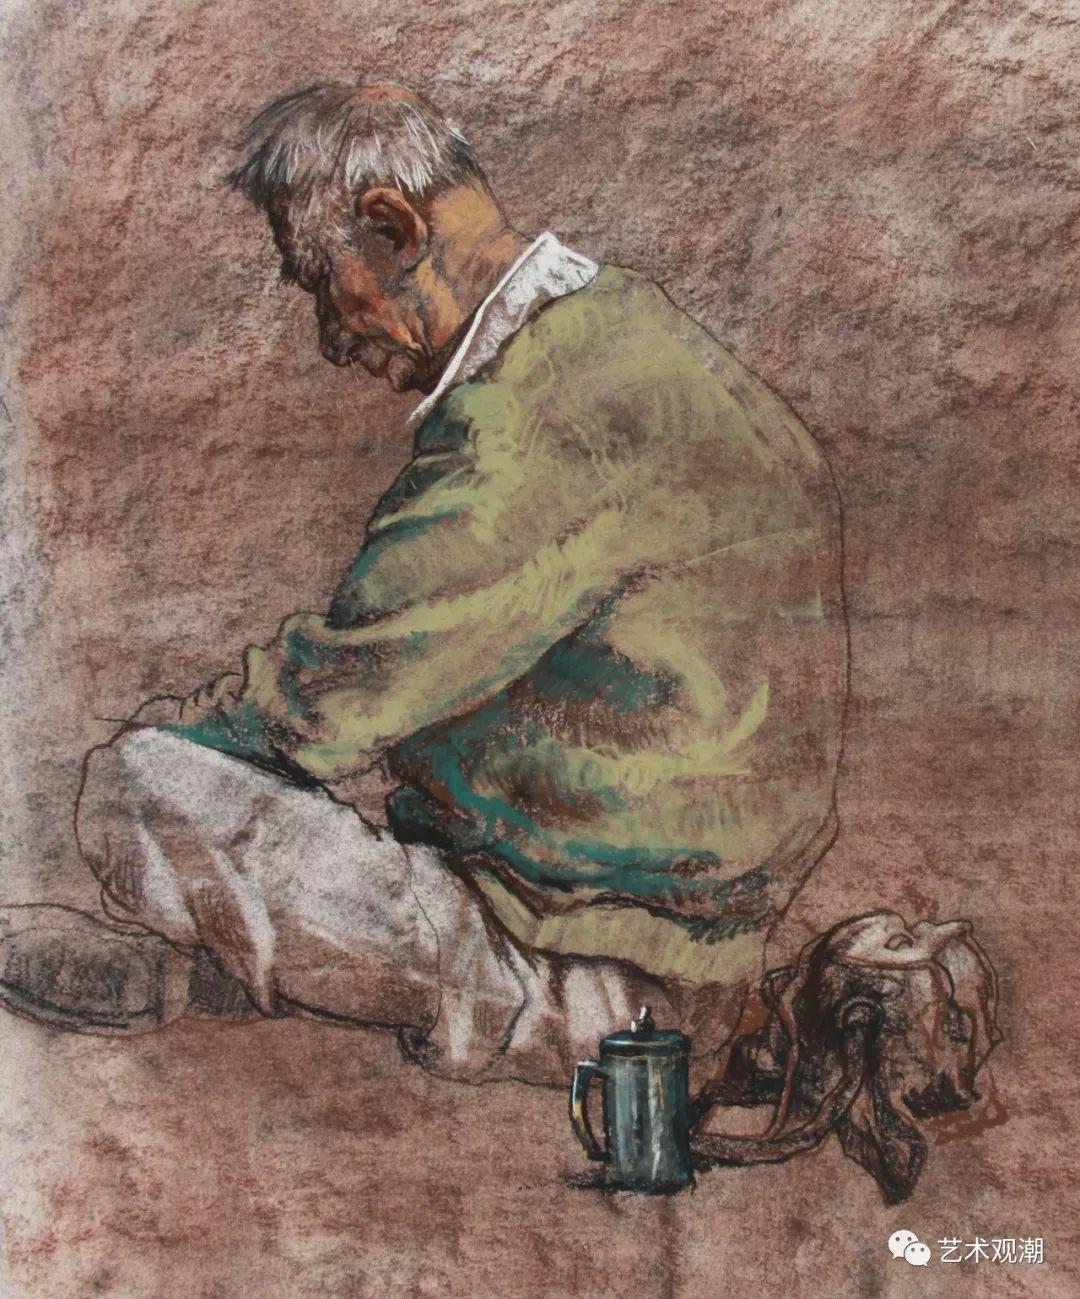 草原情怀——蒙古族青年画家包胡其图 第25张 草原情怀——蒙古族青年画家包胡其图 蒙古画廊